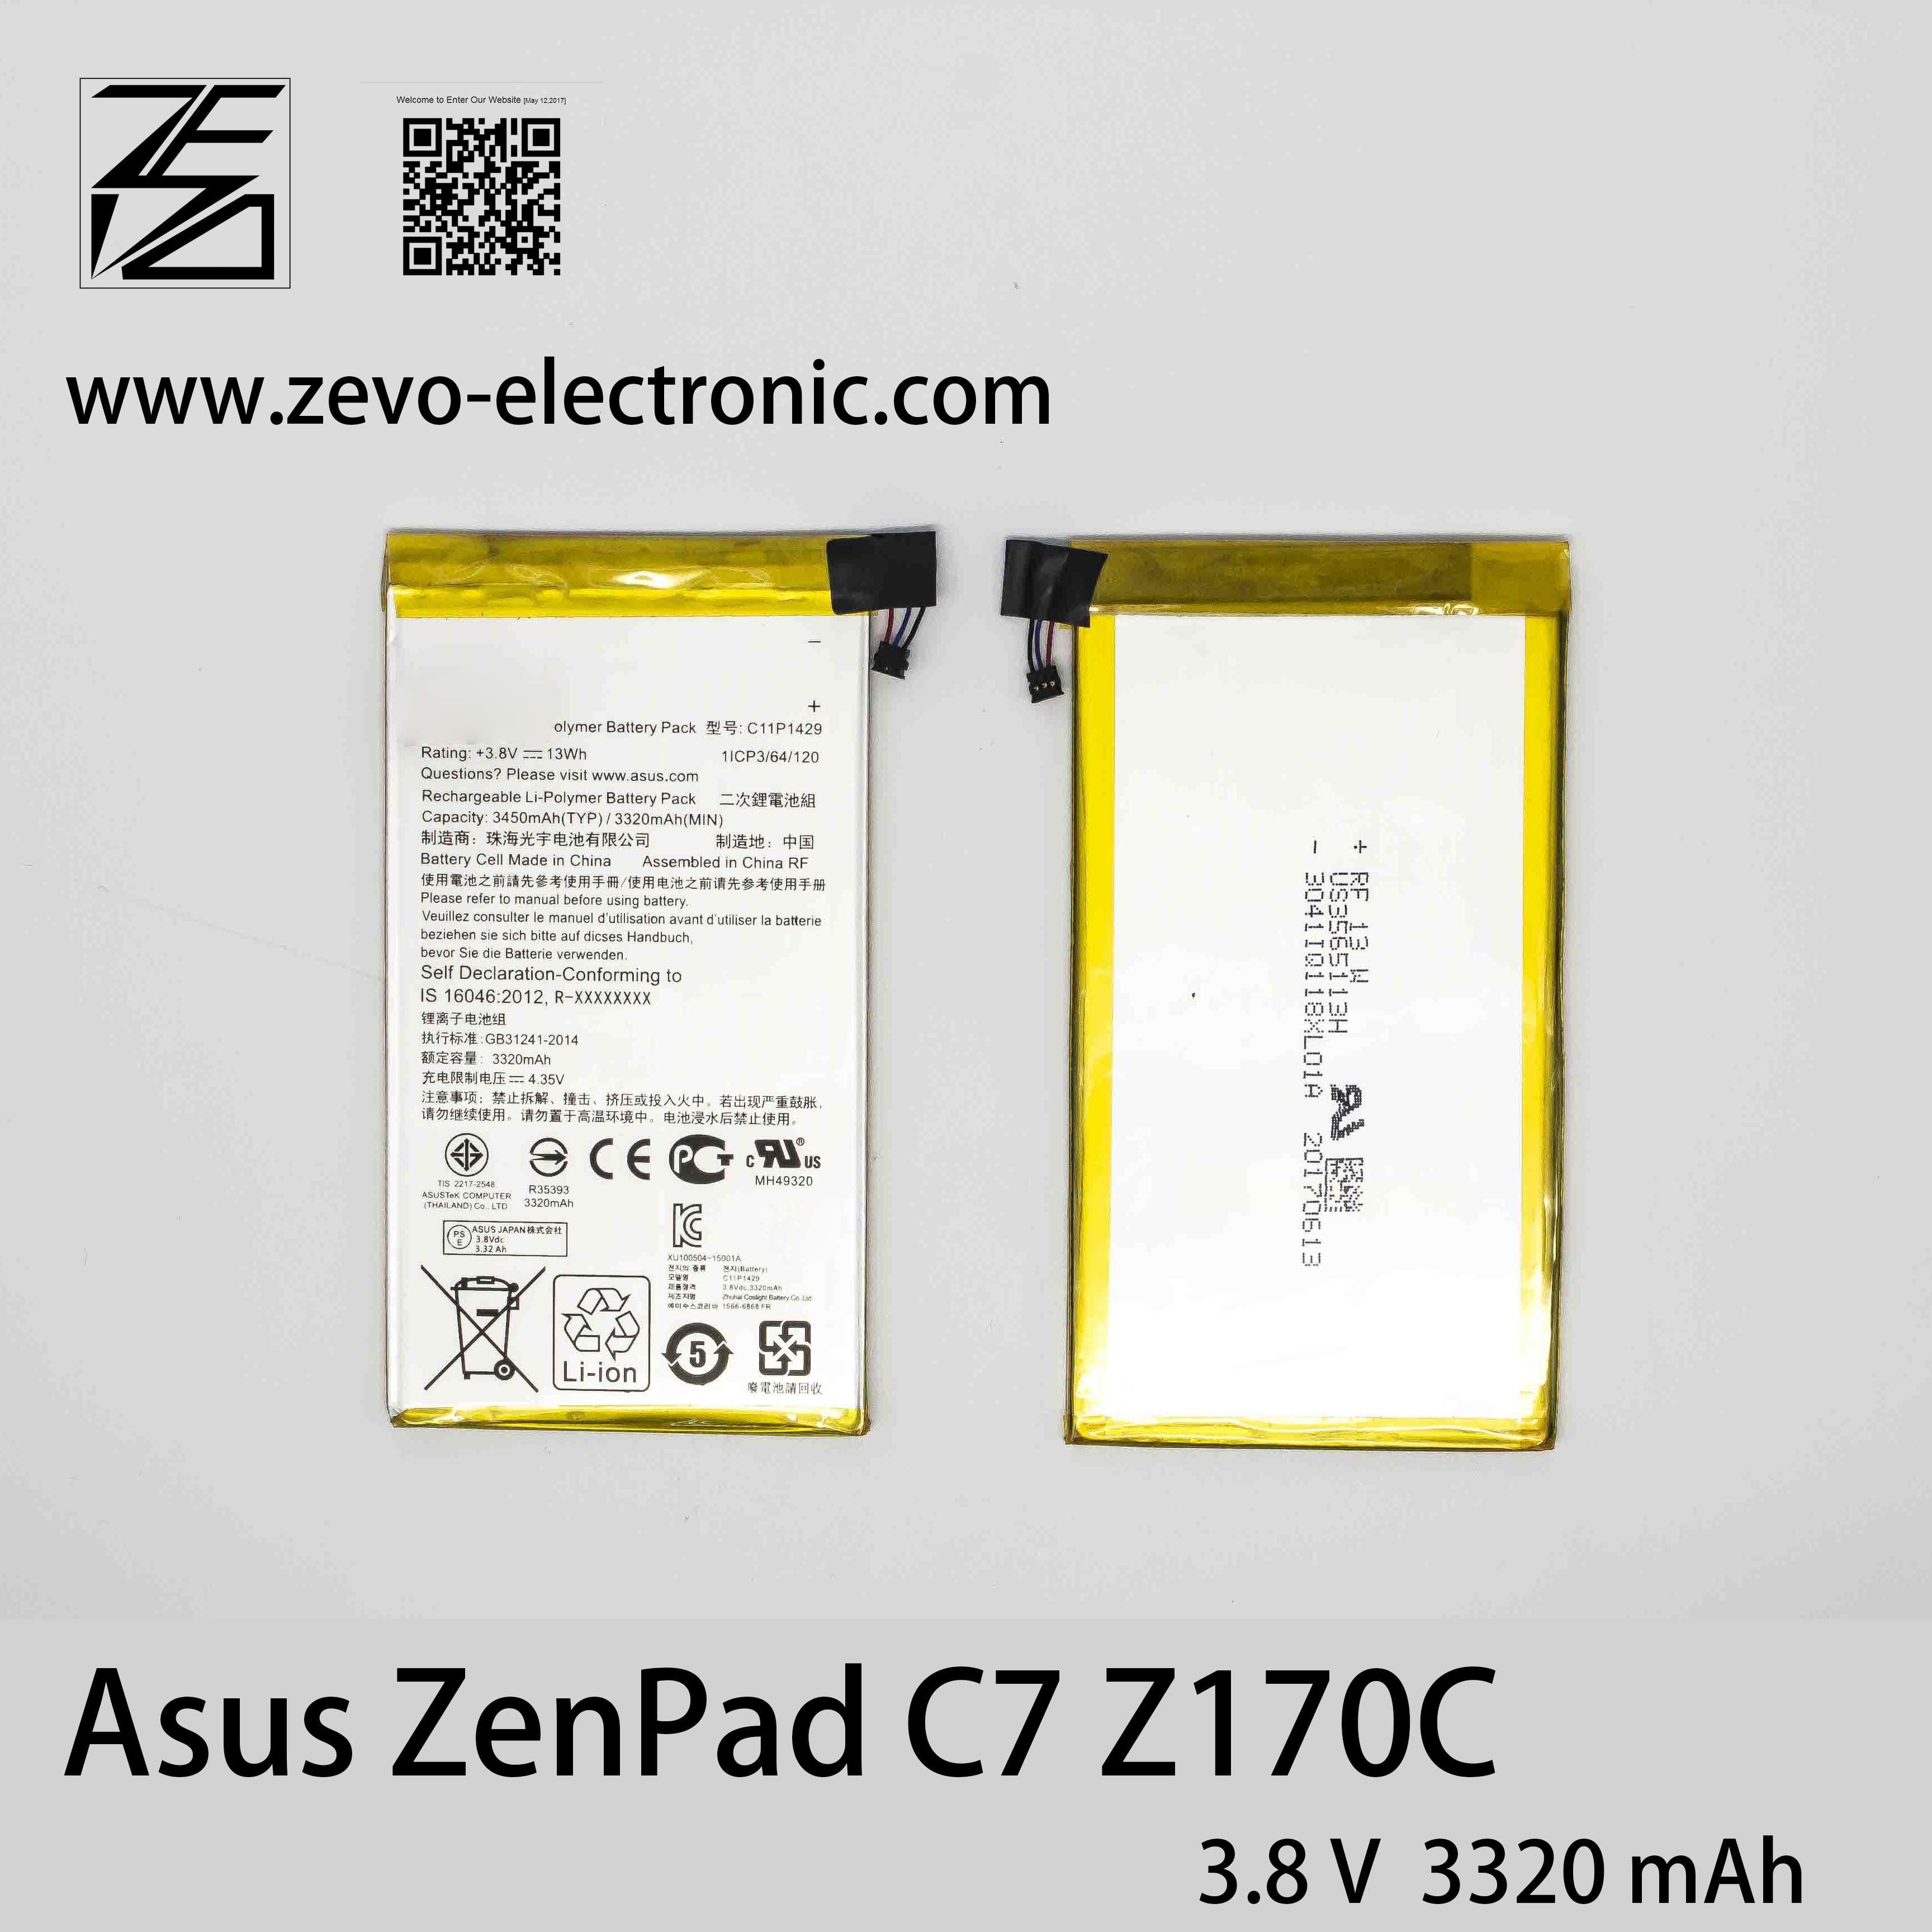 [Hot Item] 3 8V 3320mAh Original Phone Battery C11p1429 for Asus Zenpad C7  P01z Z170c